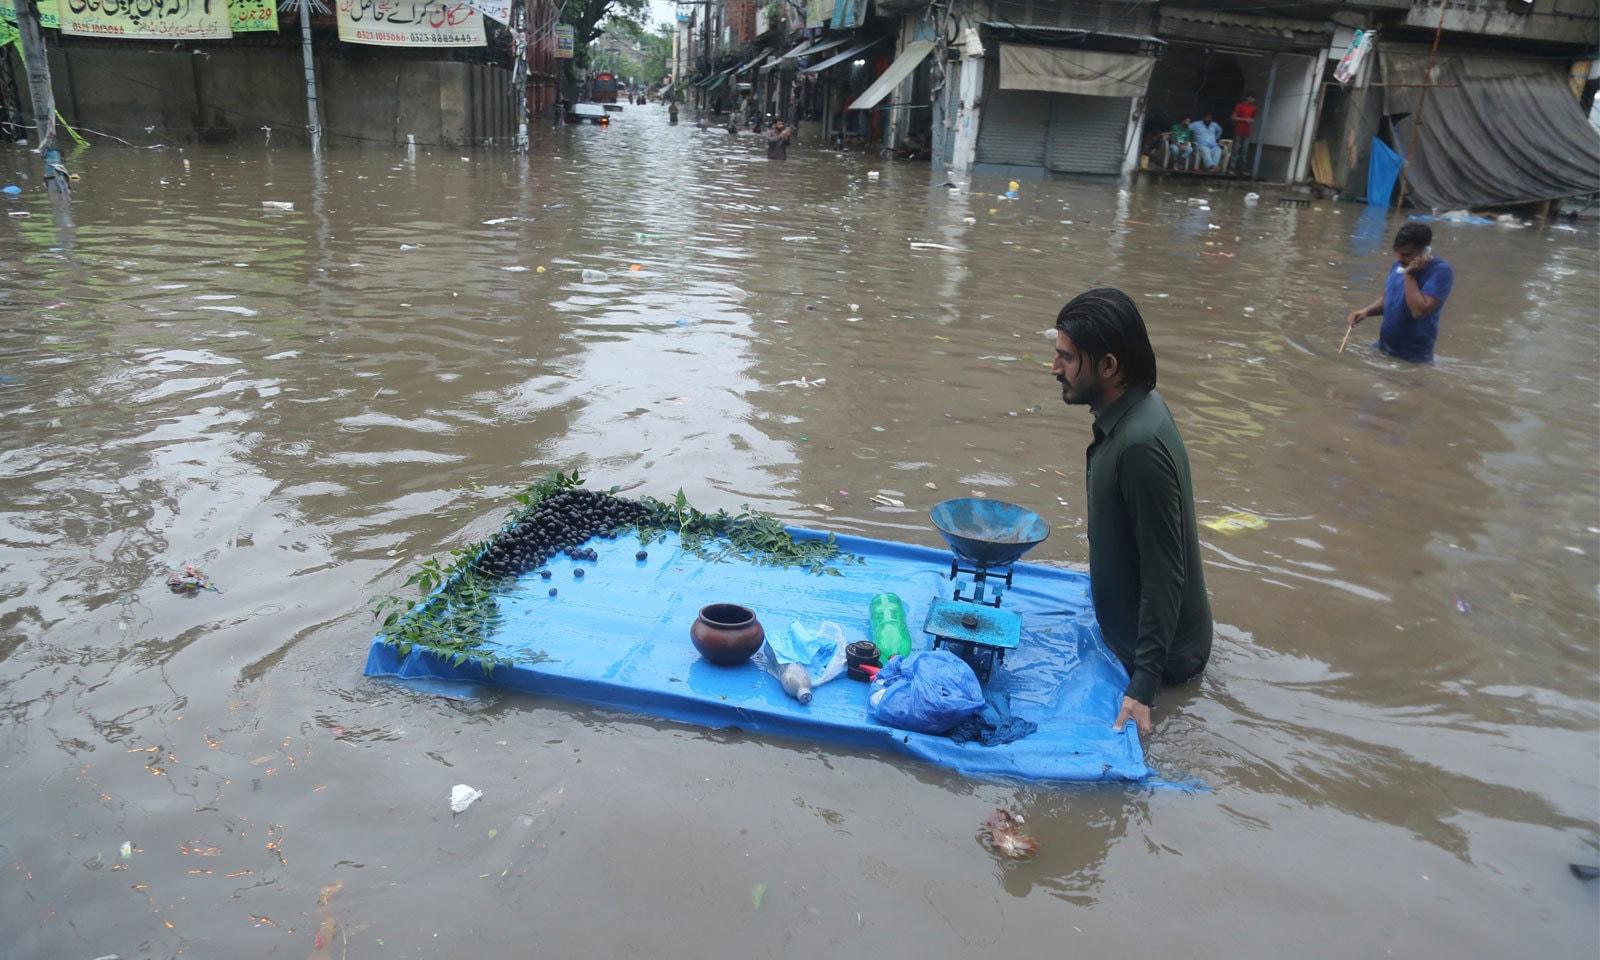 لاہور میں بارش کے بعد زیر آب سڑک پر ایک مزدور ریڑھی لے کر گھر کی جانب گامزن ہے— فوٹو: رائٹرز